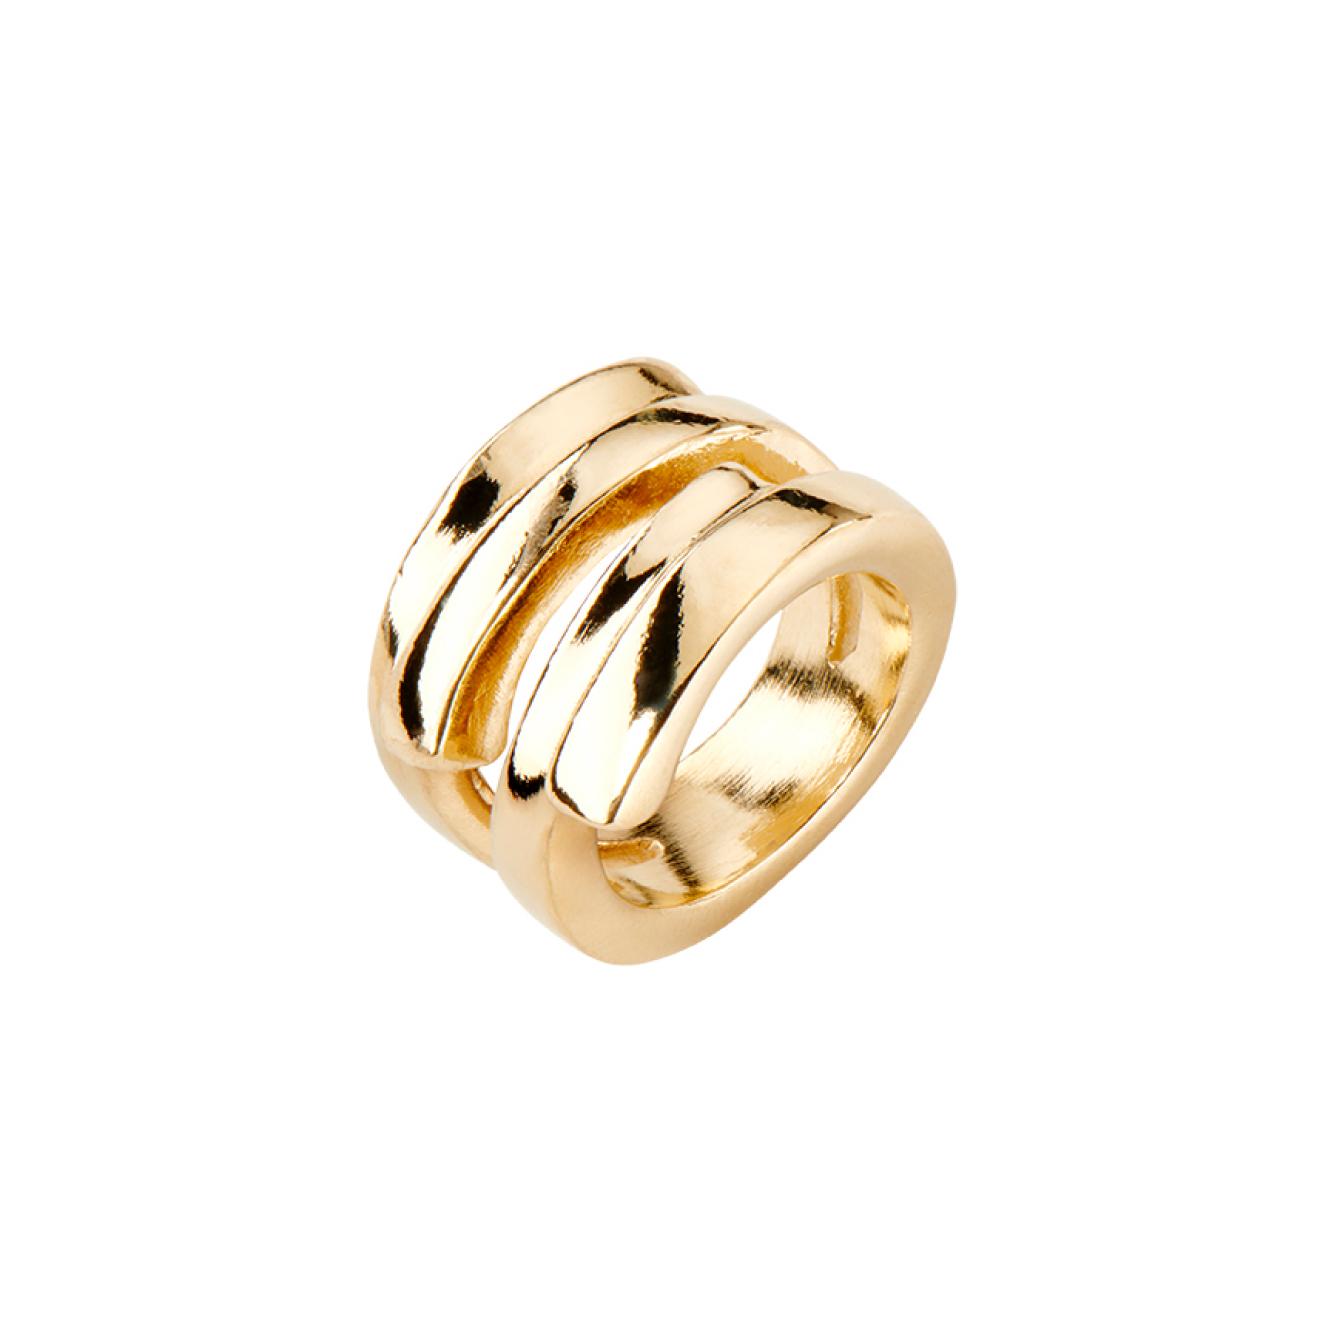 Unode50 Позолоченное кольцо Maratua island, из коллекции Indonesia недорого